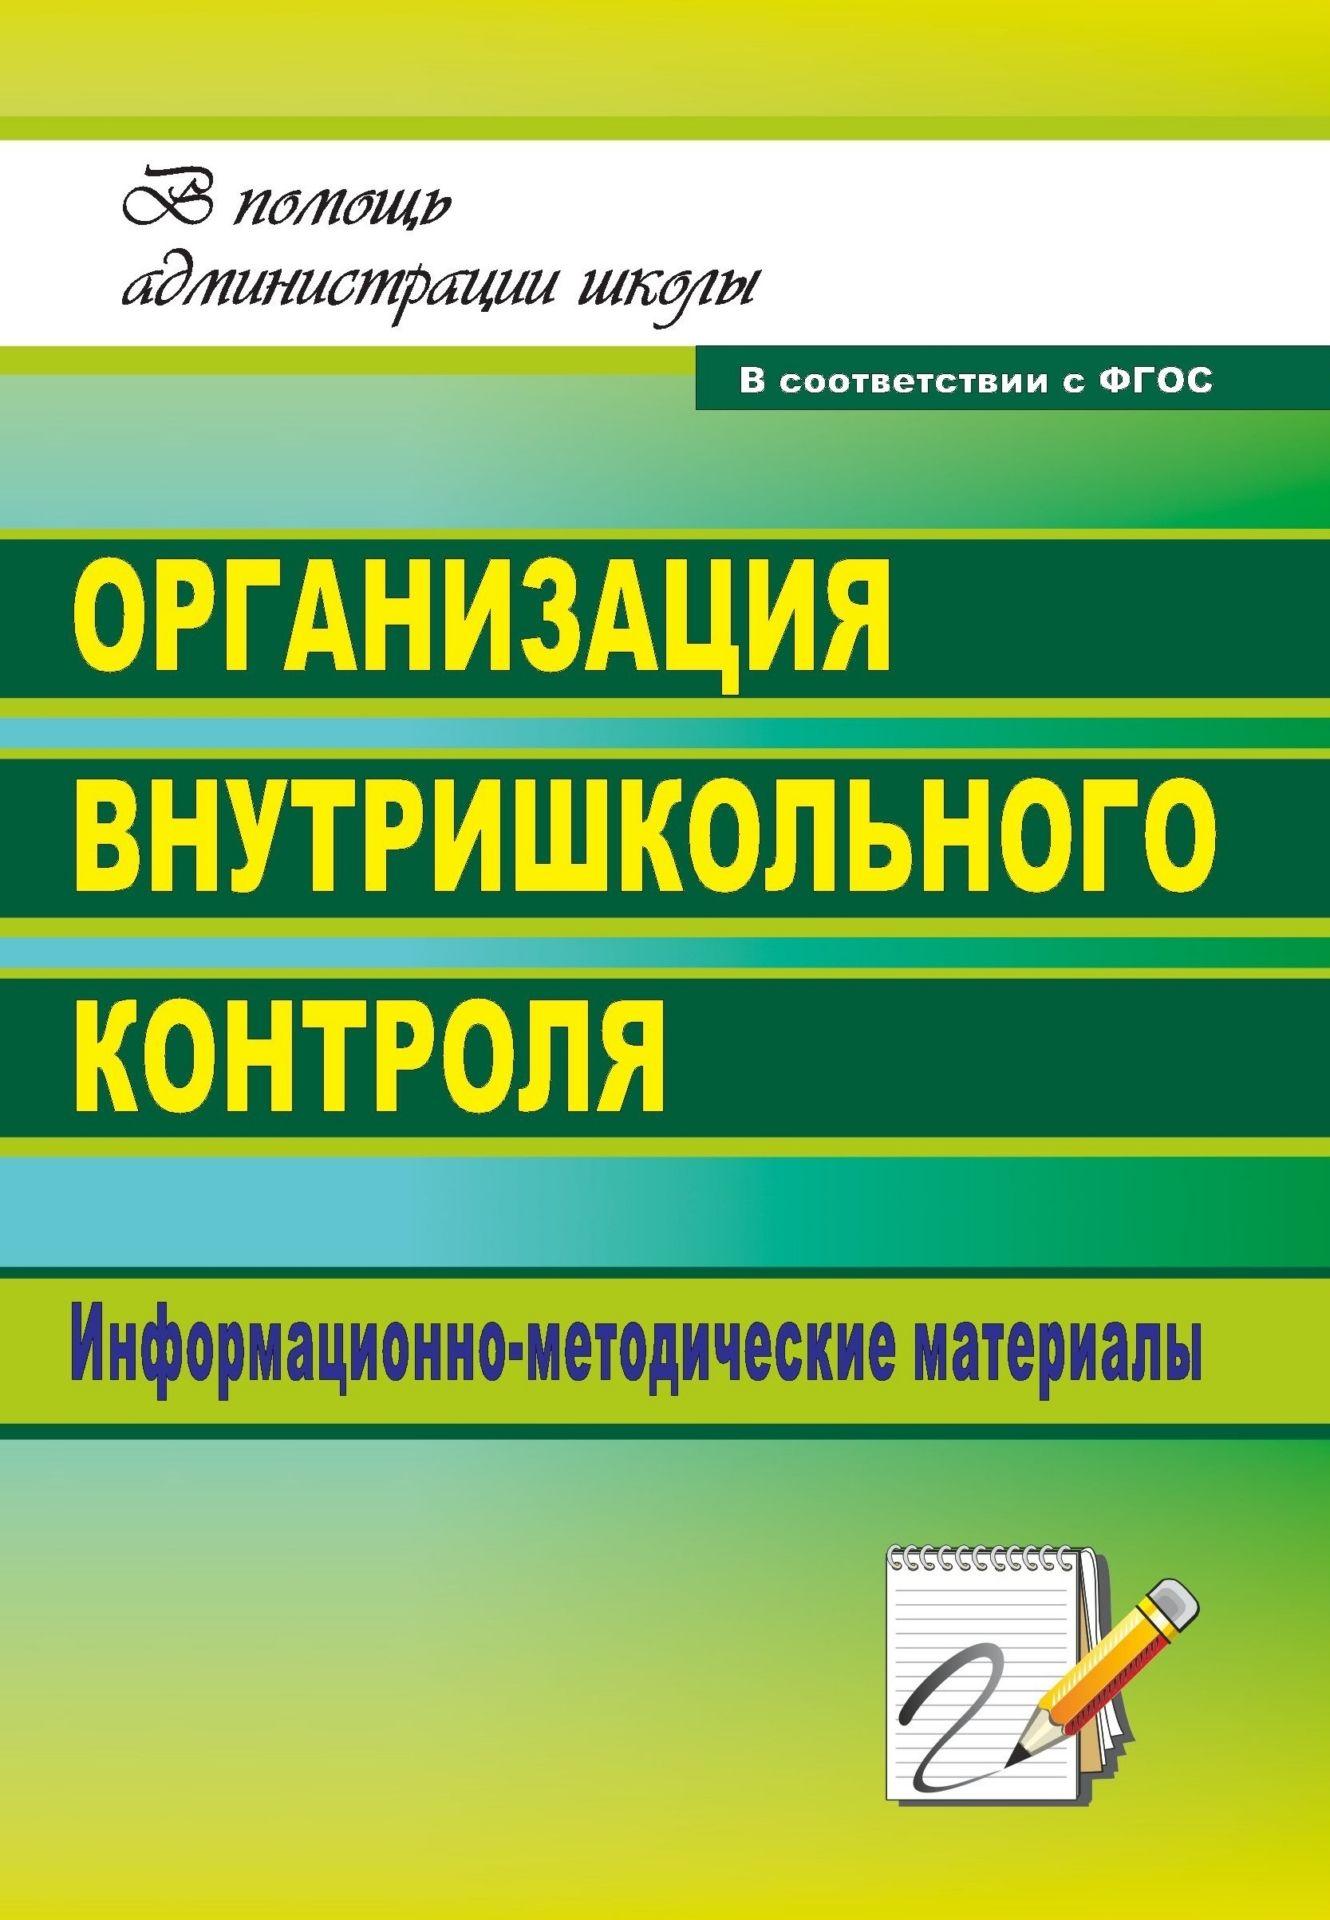 Купить со скидкой Организация внутришкольного контроля: информационно-методические материалы